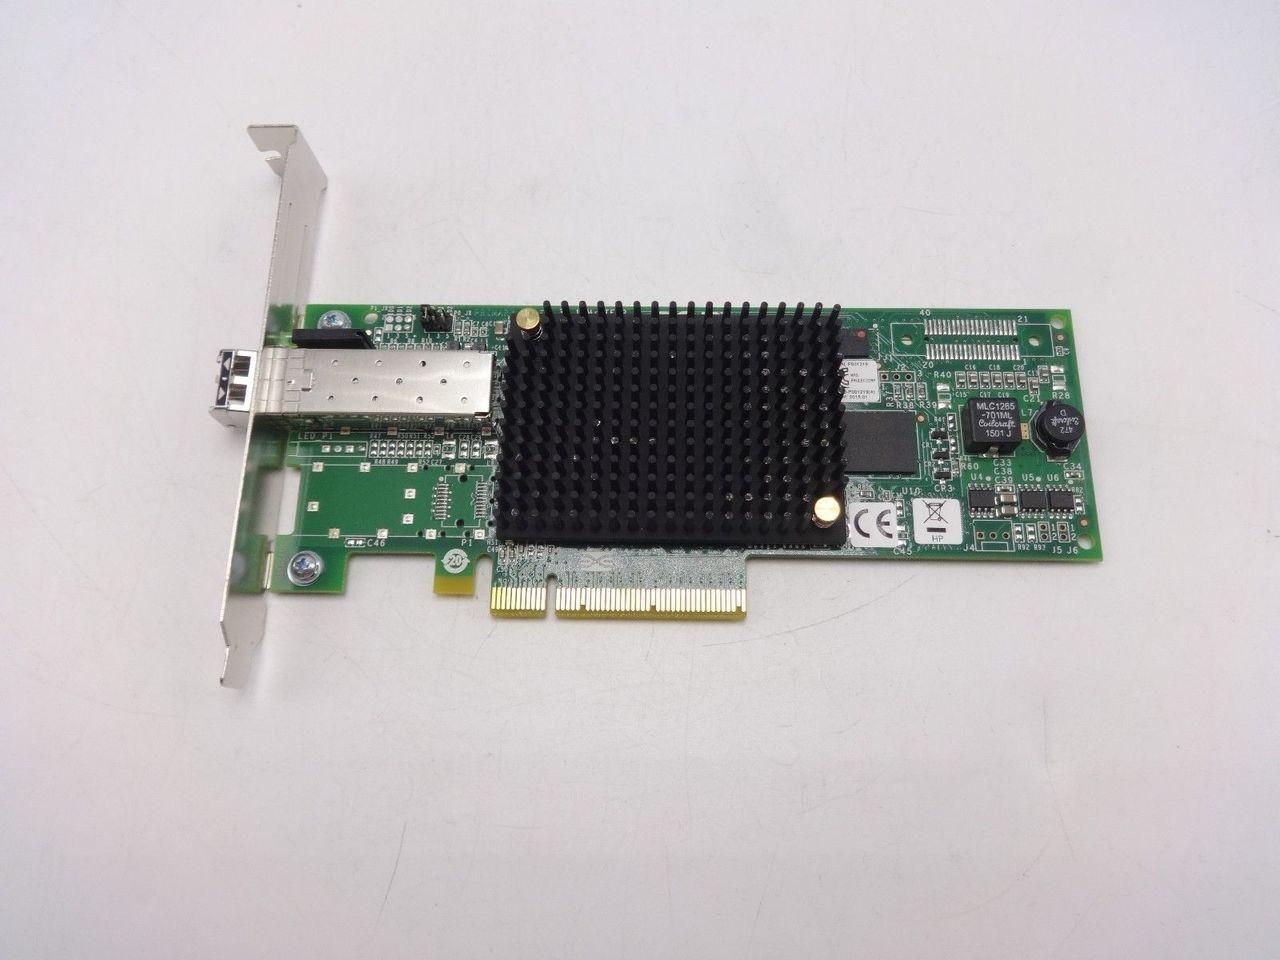 HP 697889-001 81E 8GB SP PCIE FC HBA LPE12000 AJ762-63003